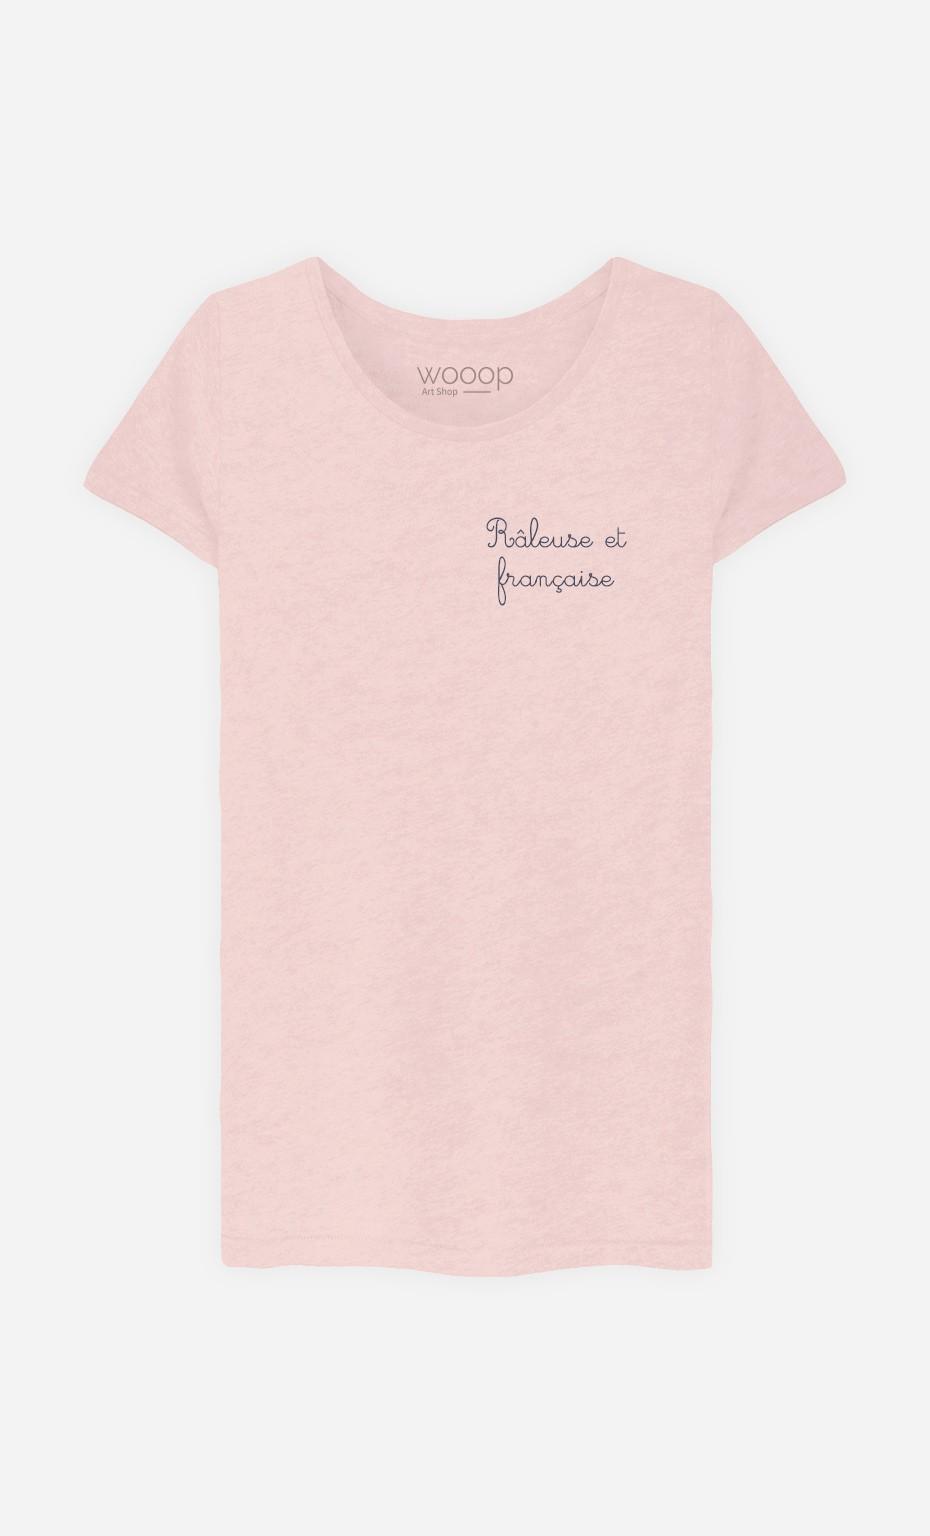 T-Shirt Femme Râleuse et Française - Brodé